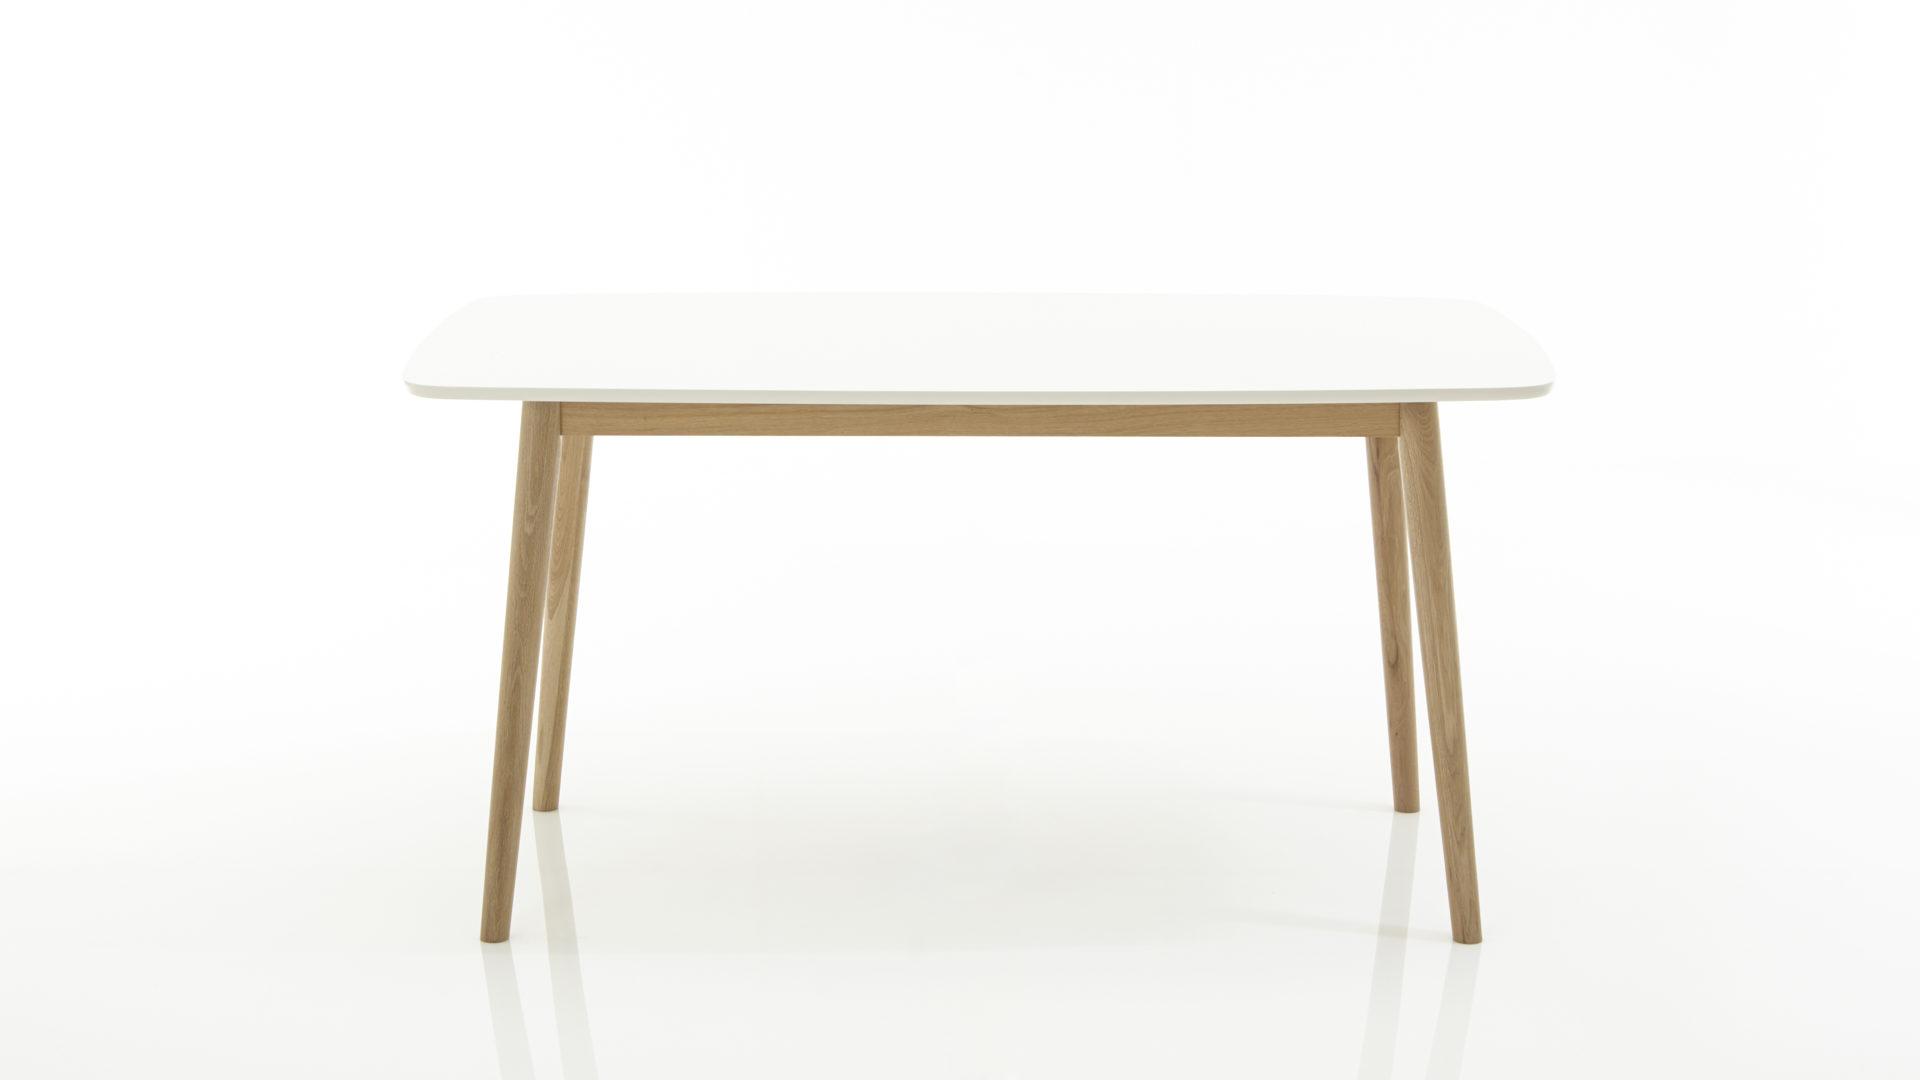 Esstisch Actona Aus Holz In Weiß Esstisch Für Küche, Esszimmer Oder  Wohnzimmer Weiß Lackierte MDF